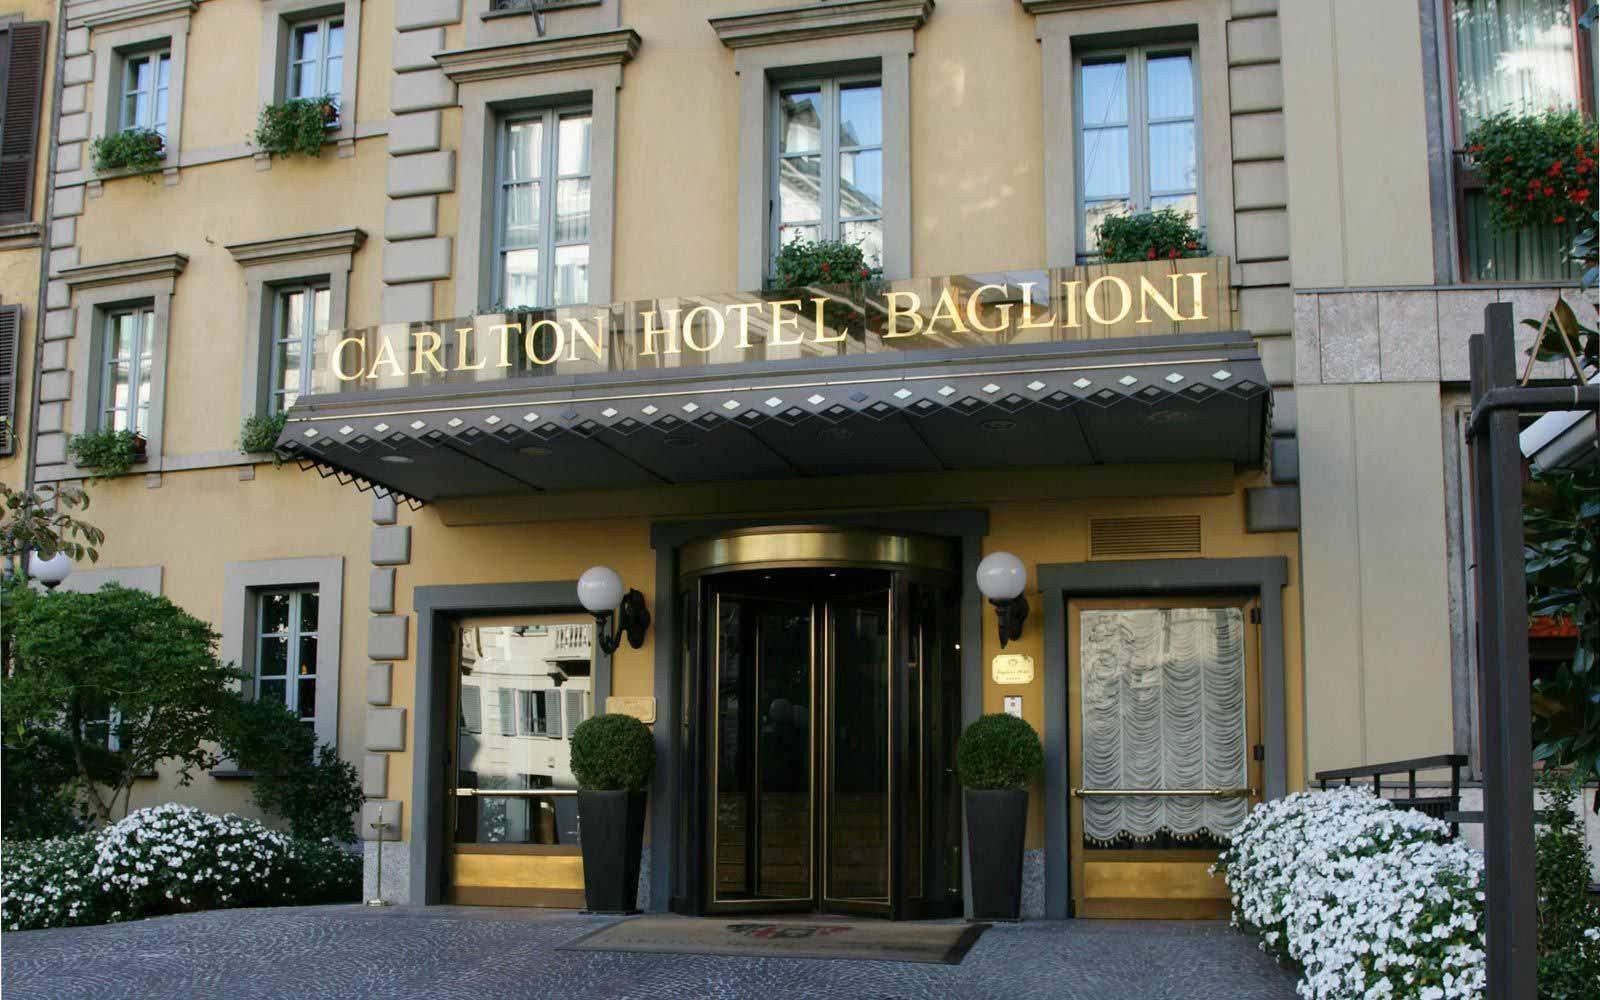 Front of Carlton Hotel Baglioni